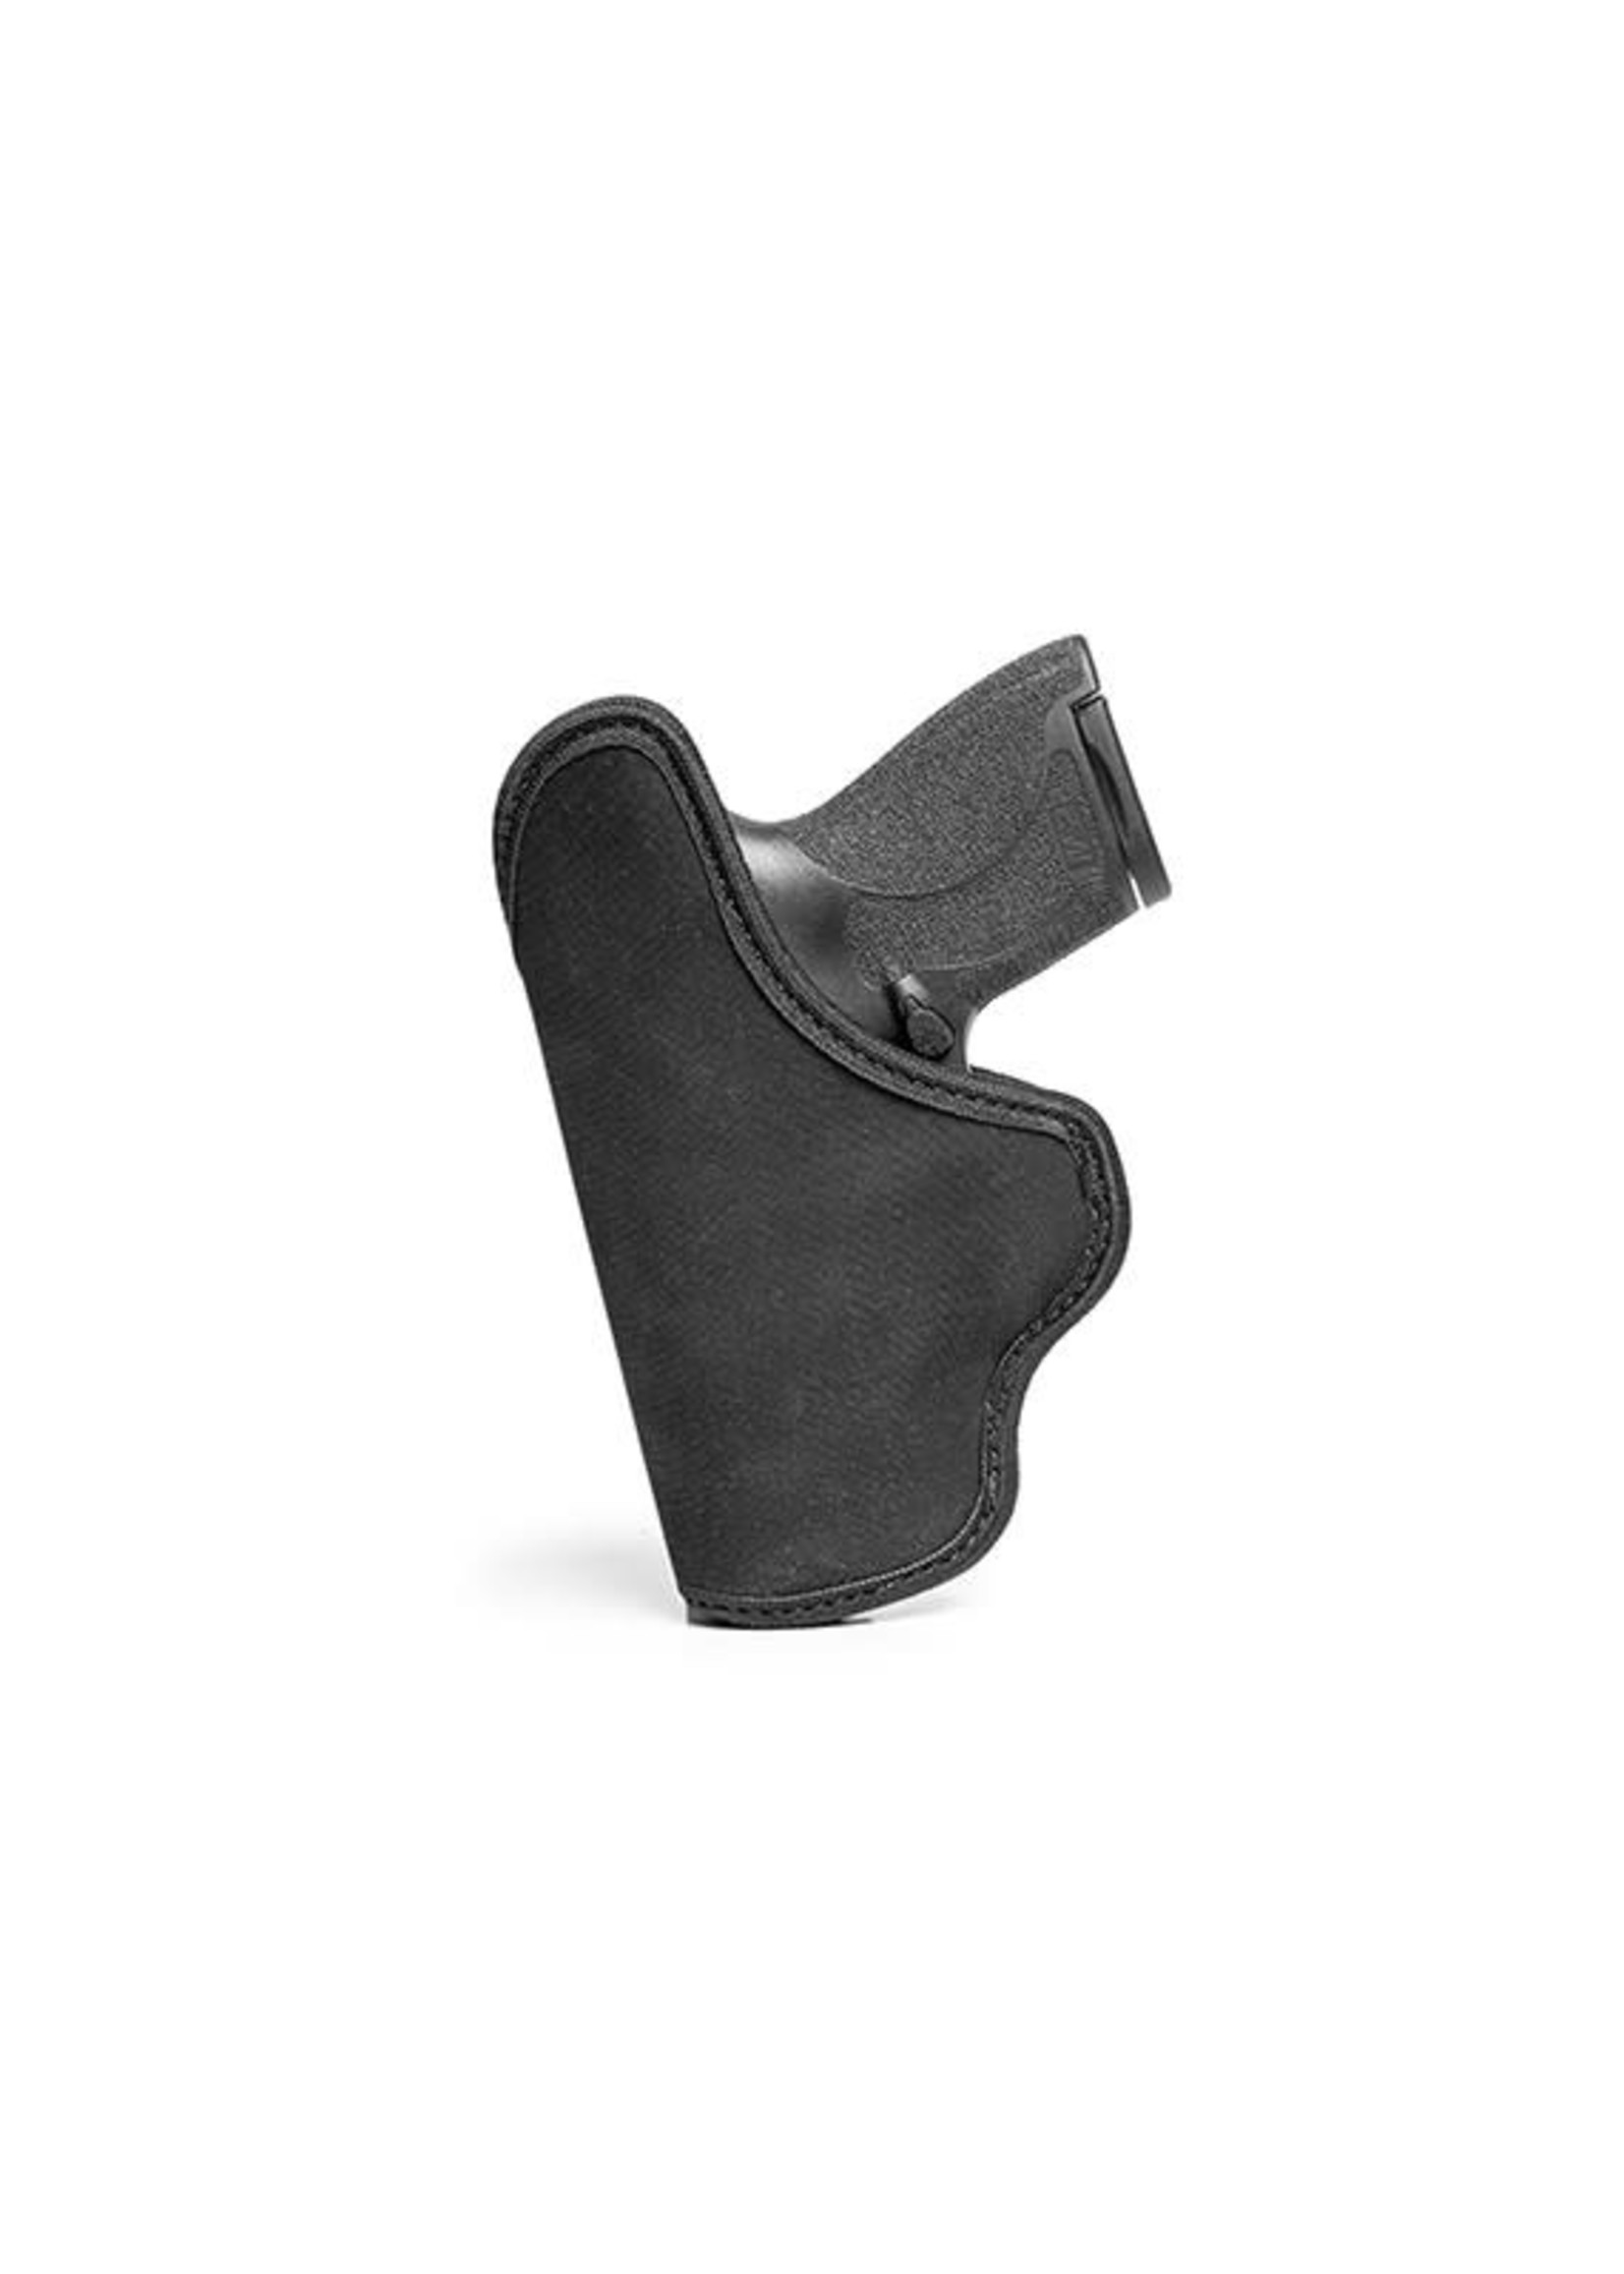 Alien Gear Holsters Alien Gear Grip Tuck Universal Holster - Full Size, RH